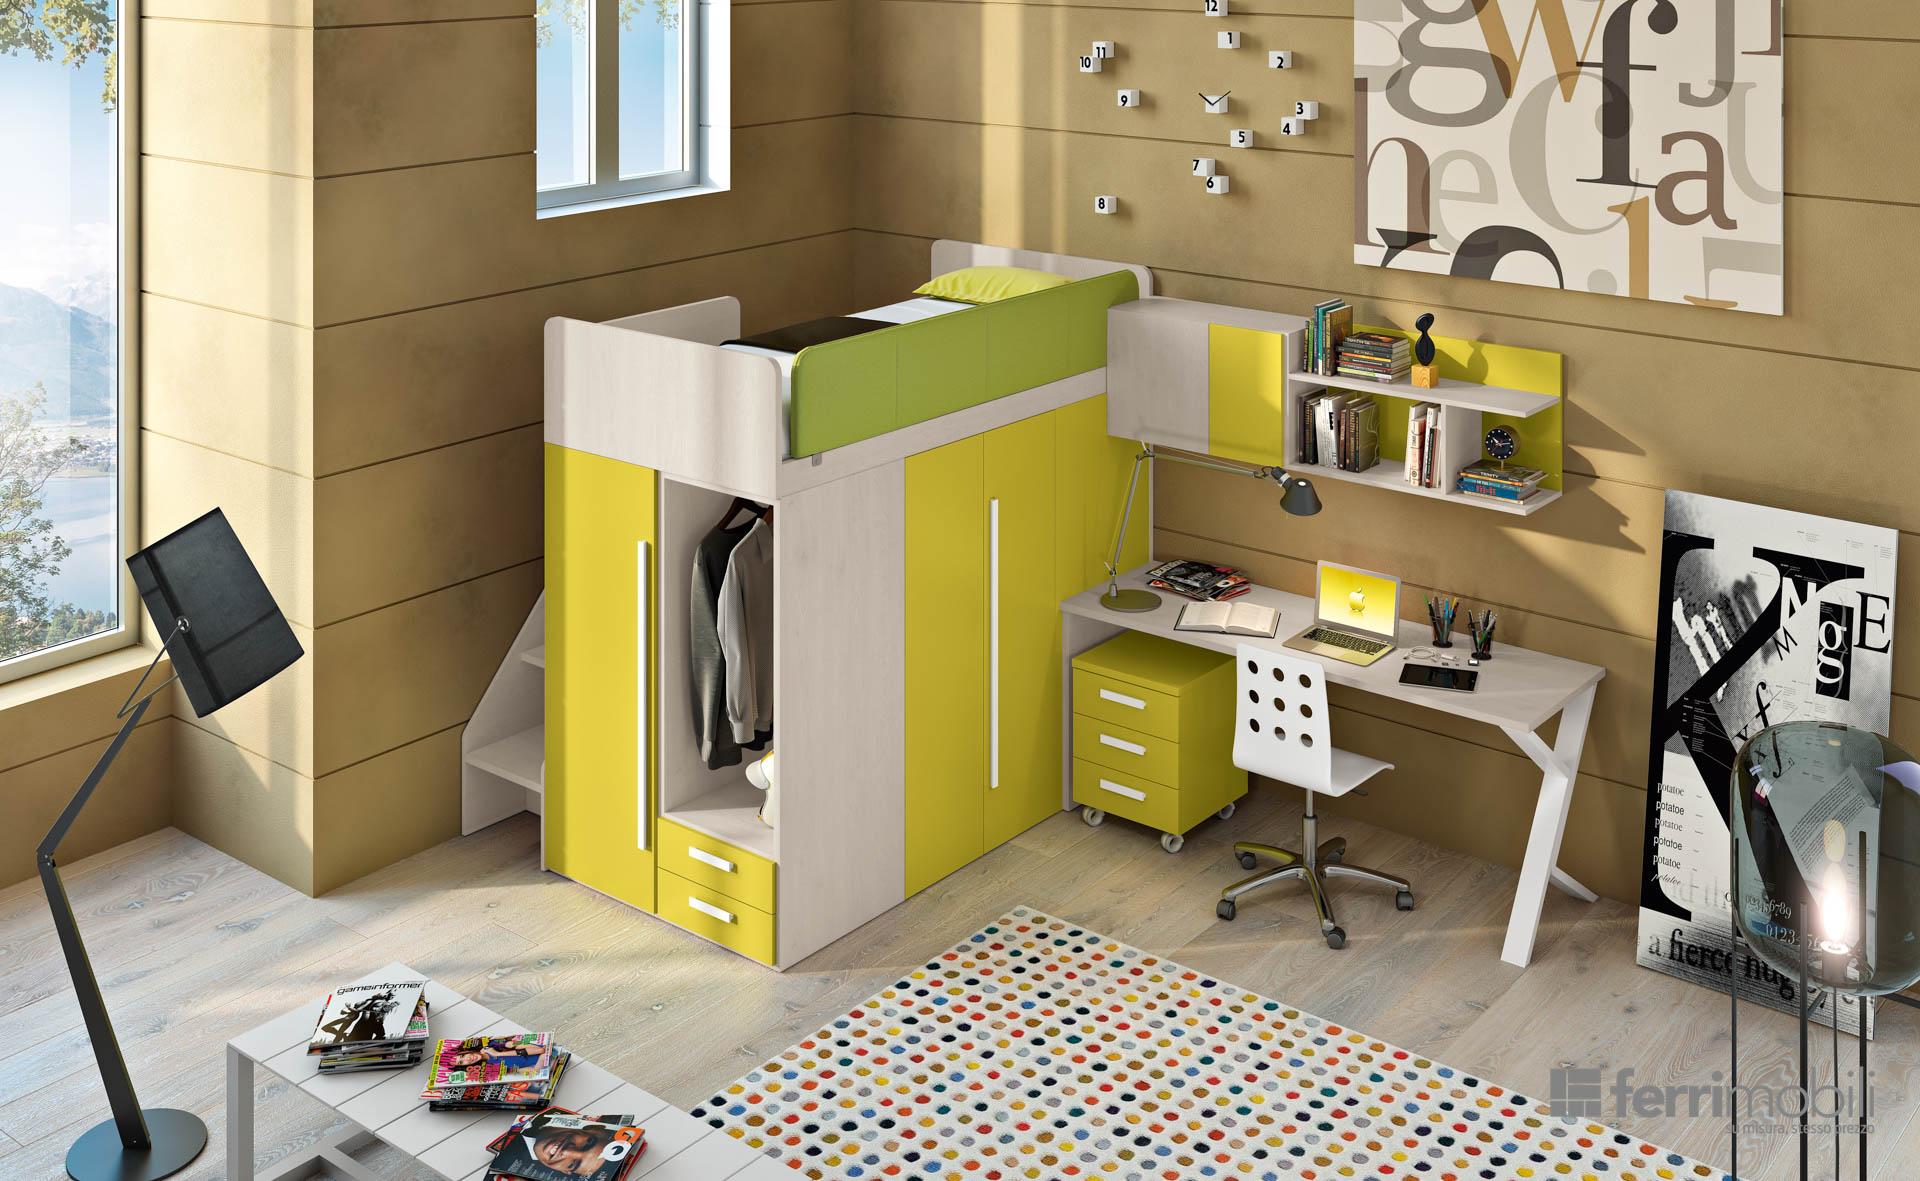 Letto a soppalco quale soluzione scegliere - Ikea letti a soppalco ...